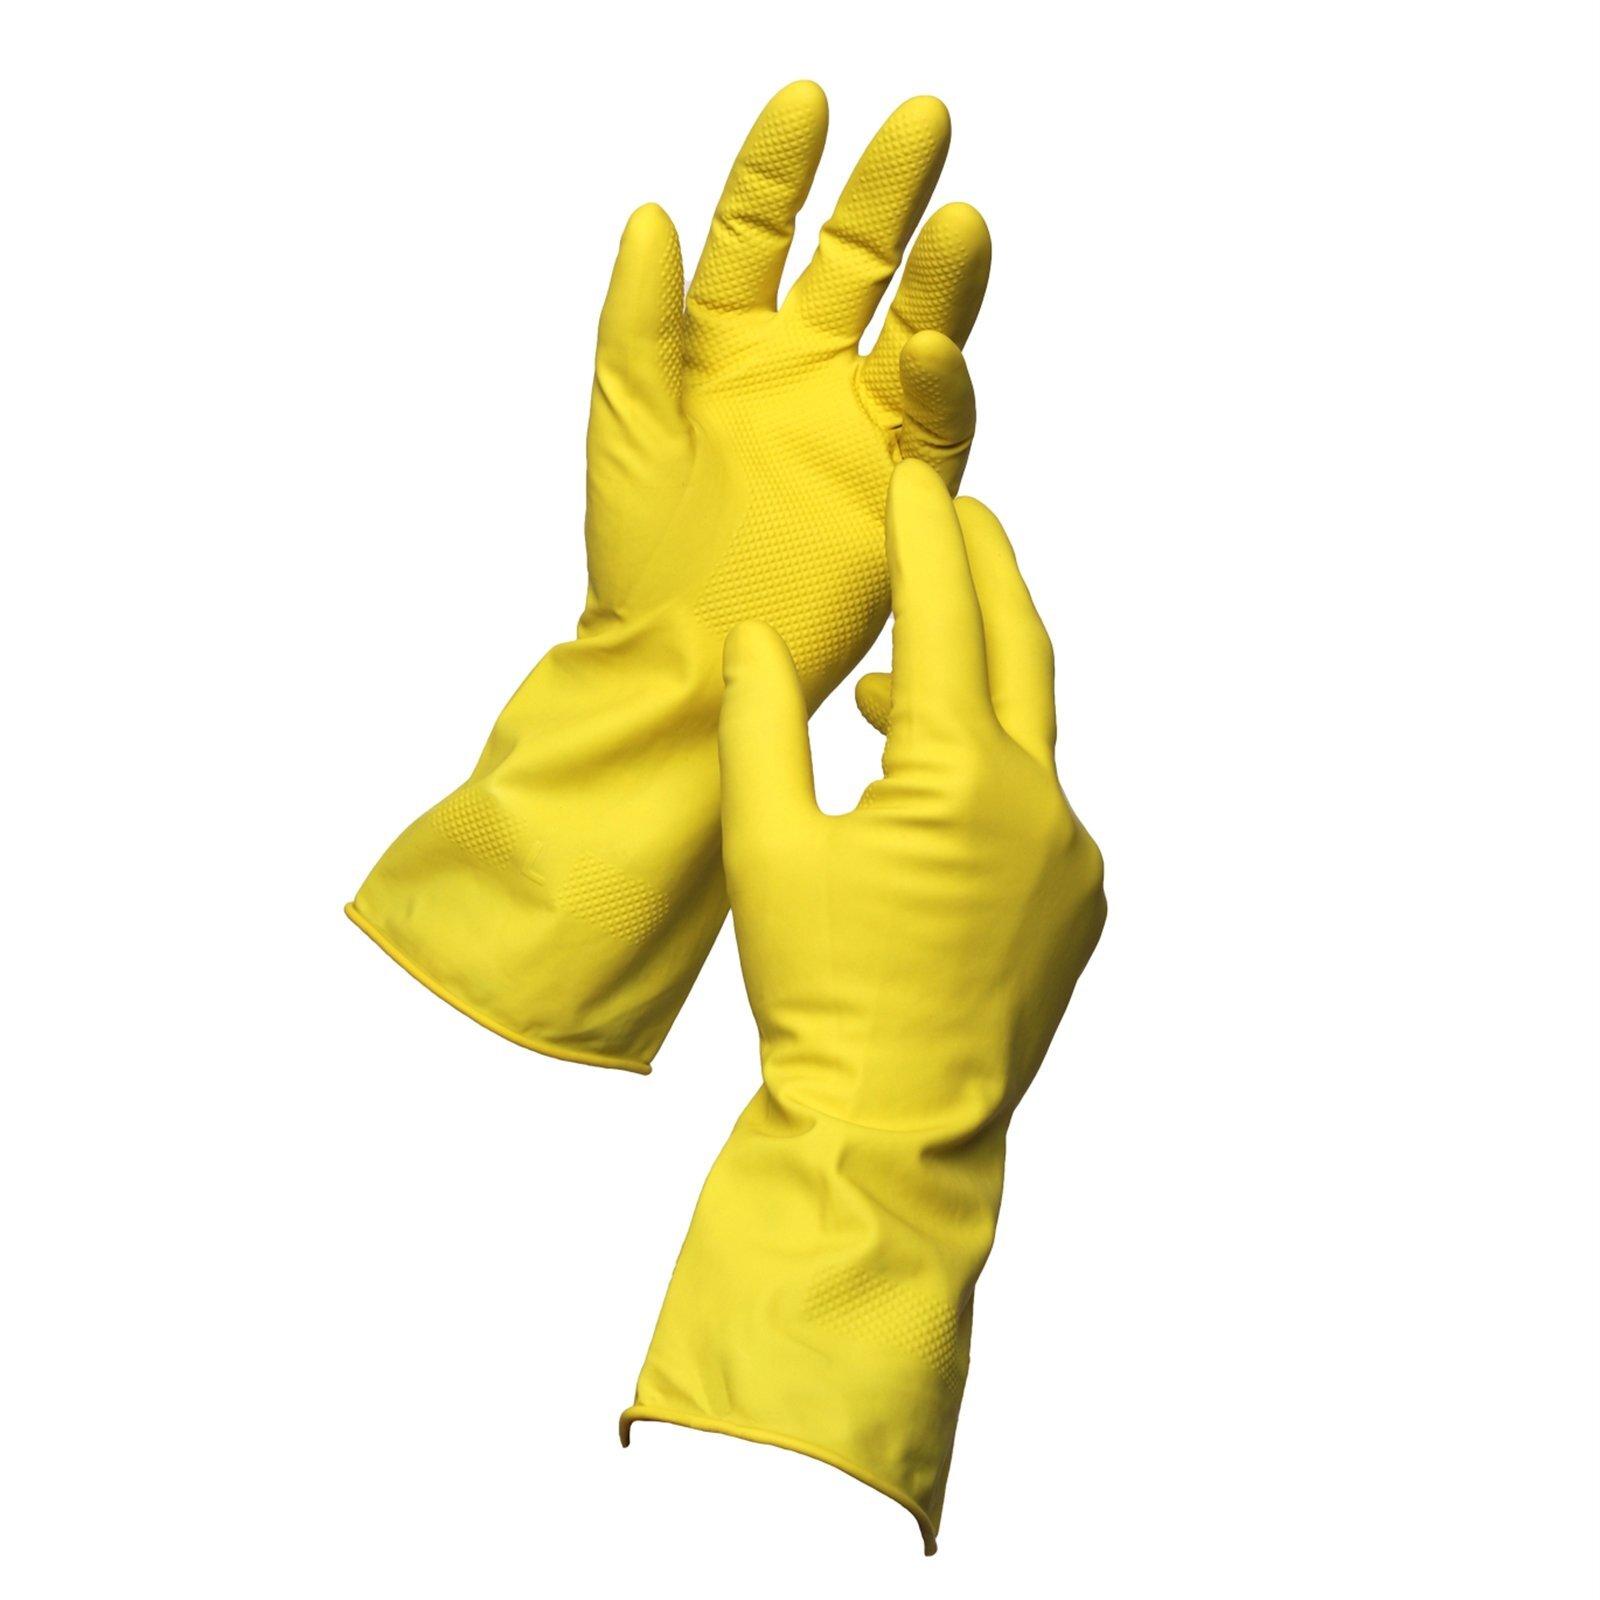 Sabco Medium Latex Handy Gloves - 3 Pairs